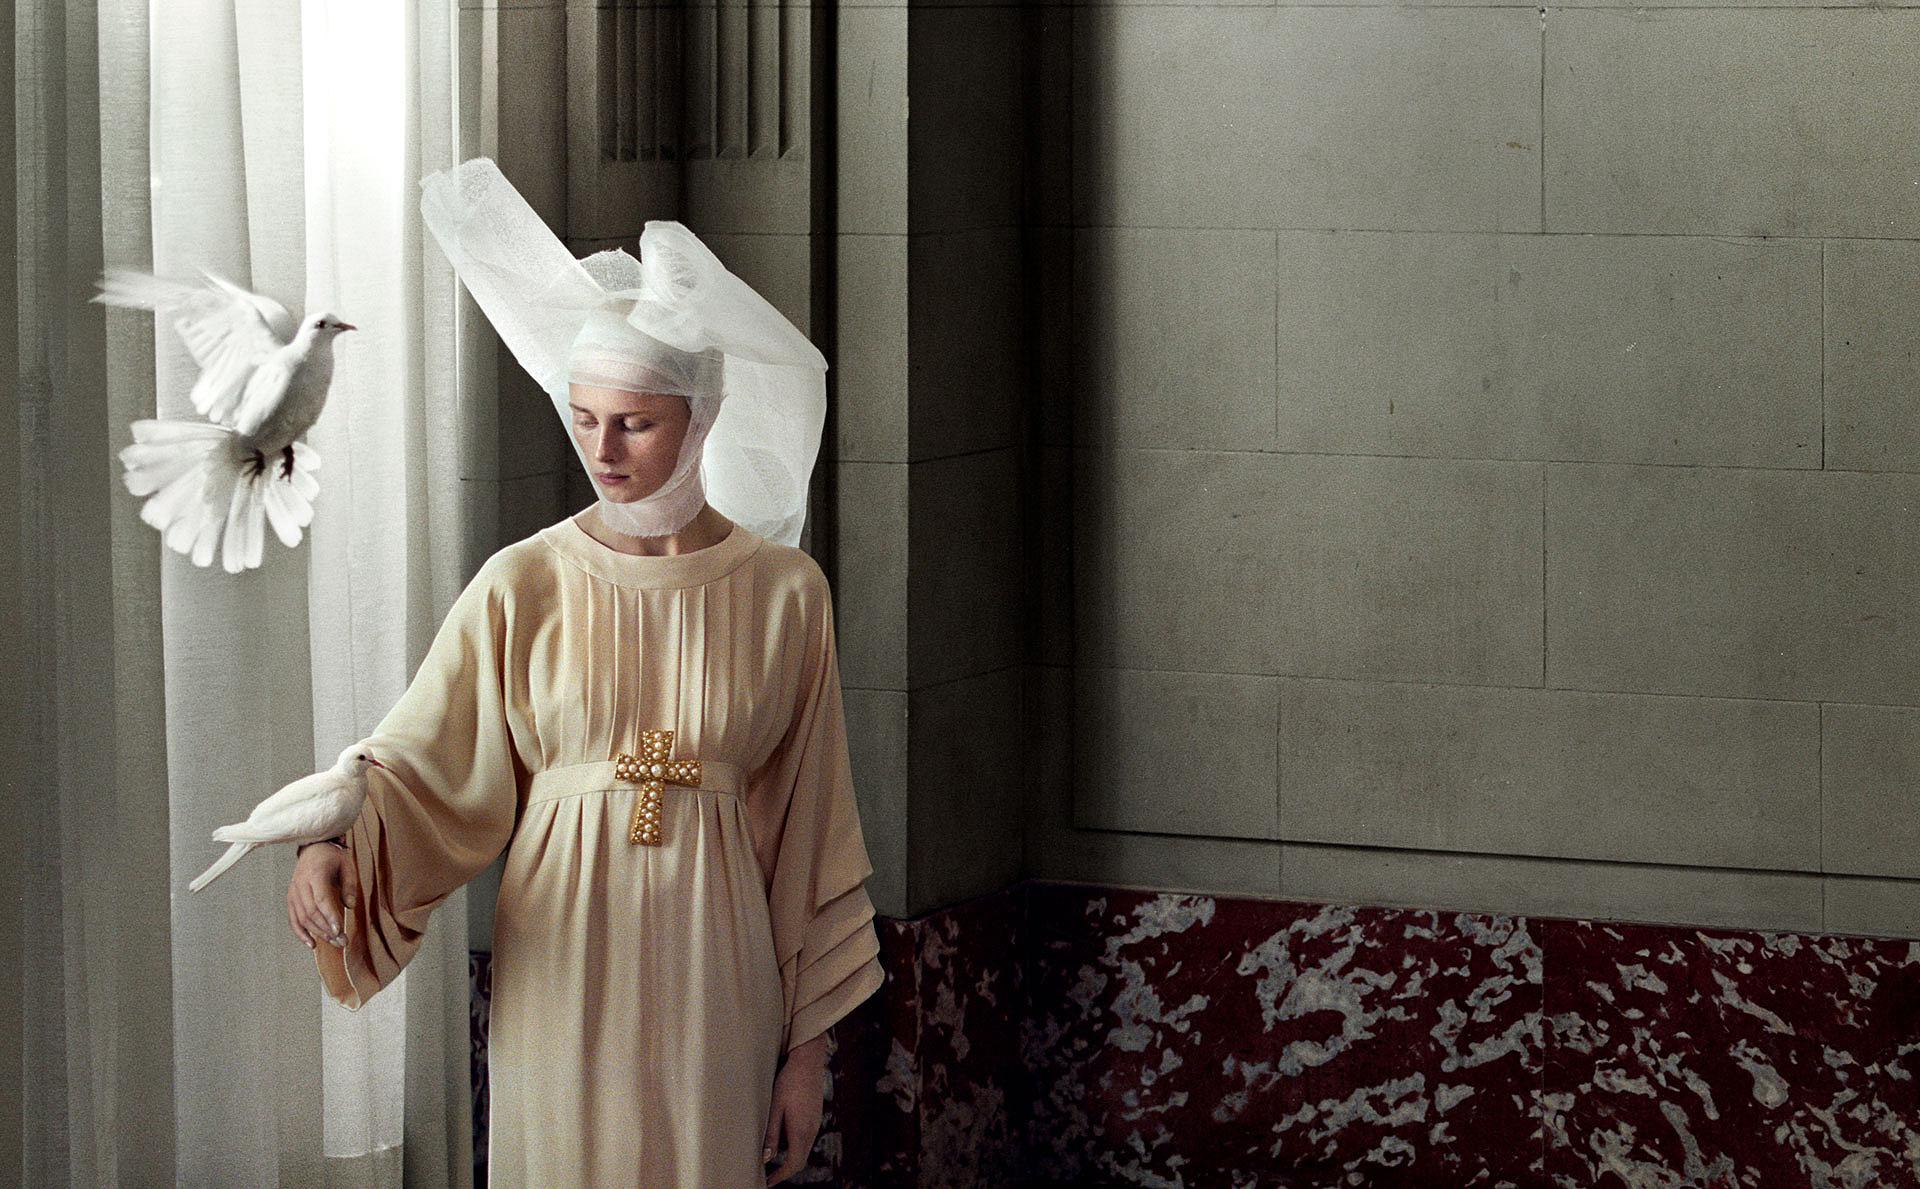 Выставка Филипа-Лорки Ди Корсии в галерее David Zwirner